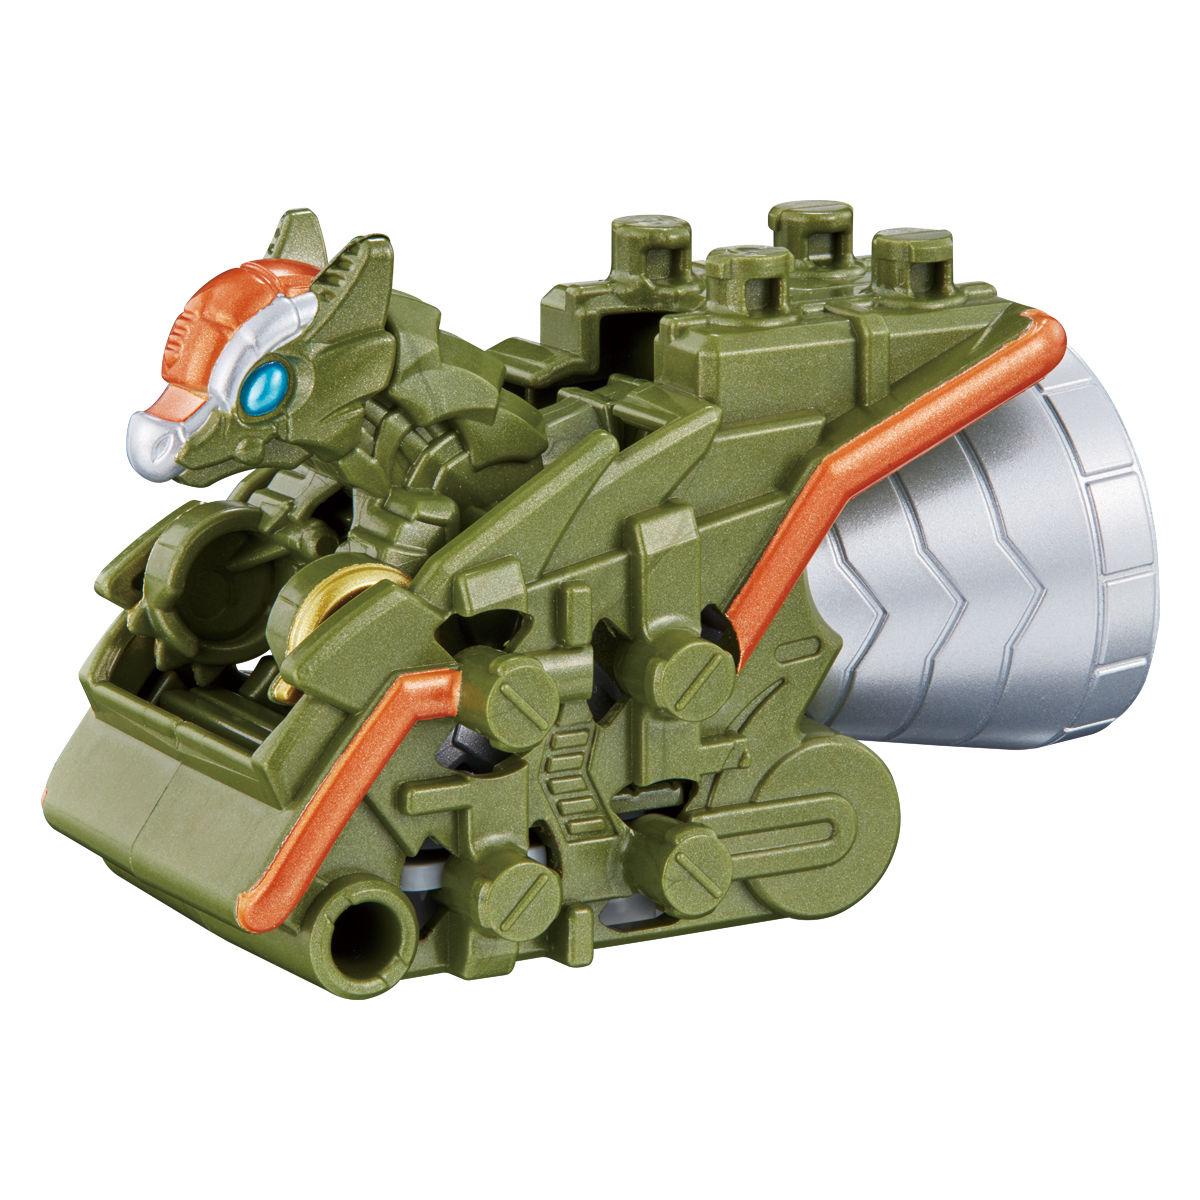 騎士竜戦隊リュウソウジャー『騎士竜シリーズ10 DXパキガルー』可変可動フィギュア-004